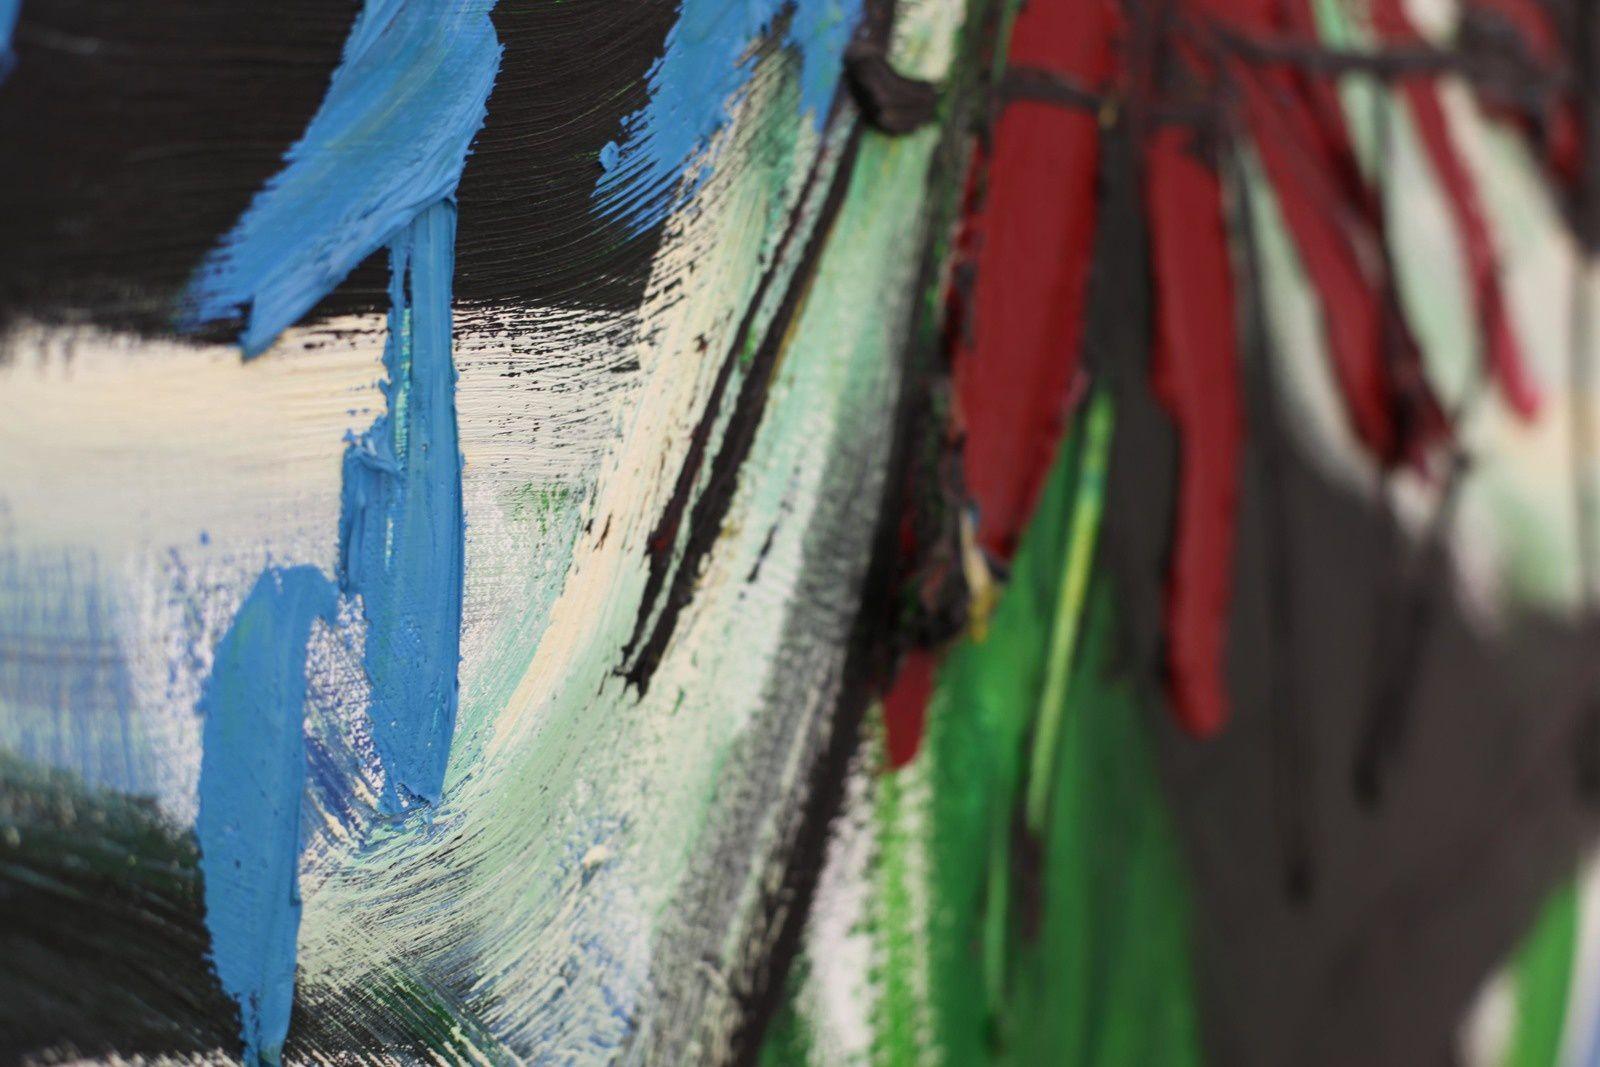 """Détail """"Horizon of Tuscany N°38"""", 1995 de Karel APPEL - Courtesy Galerie Almine Rech © Photo Éric Simon"""